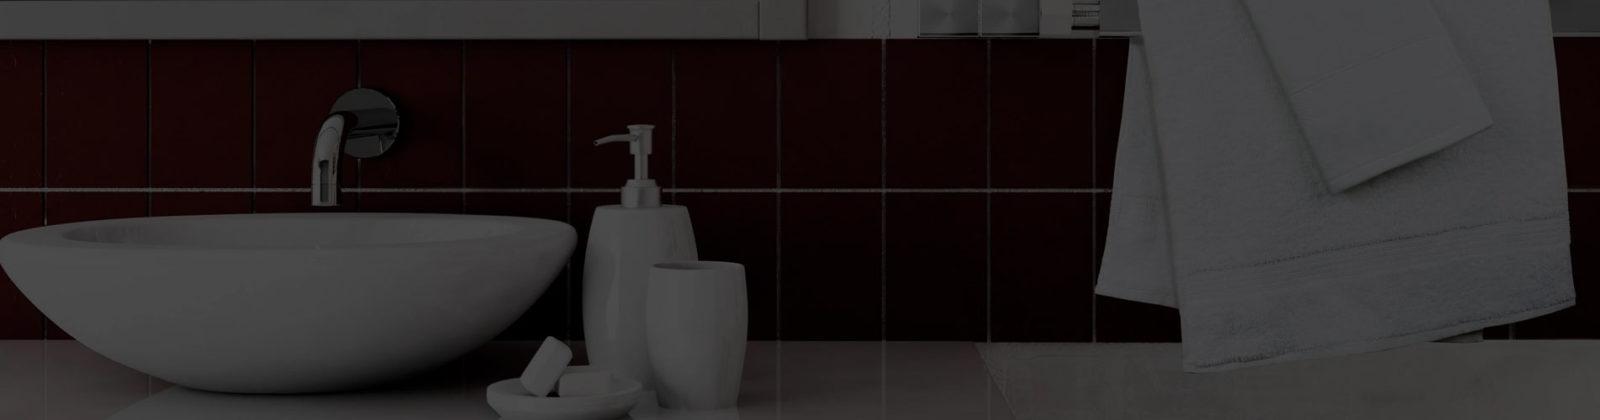 reforma de baños alcorcon